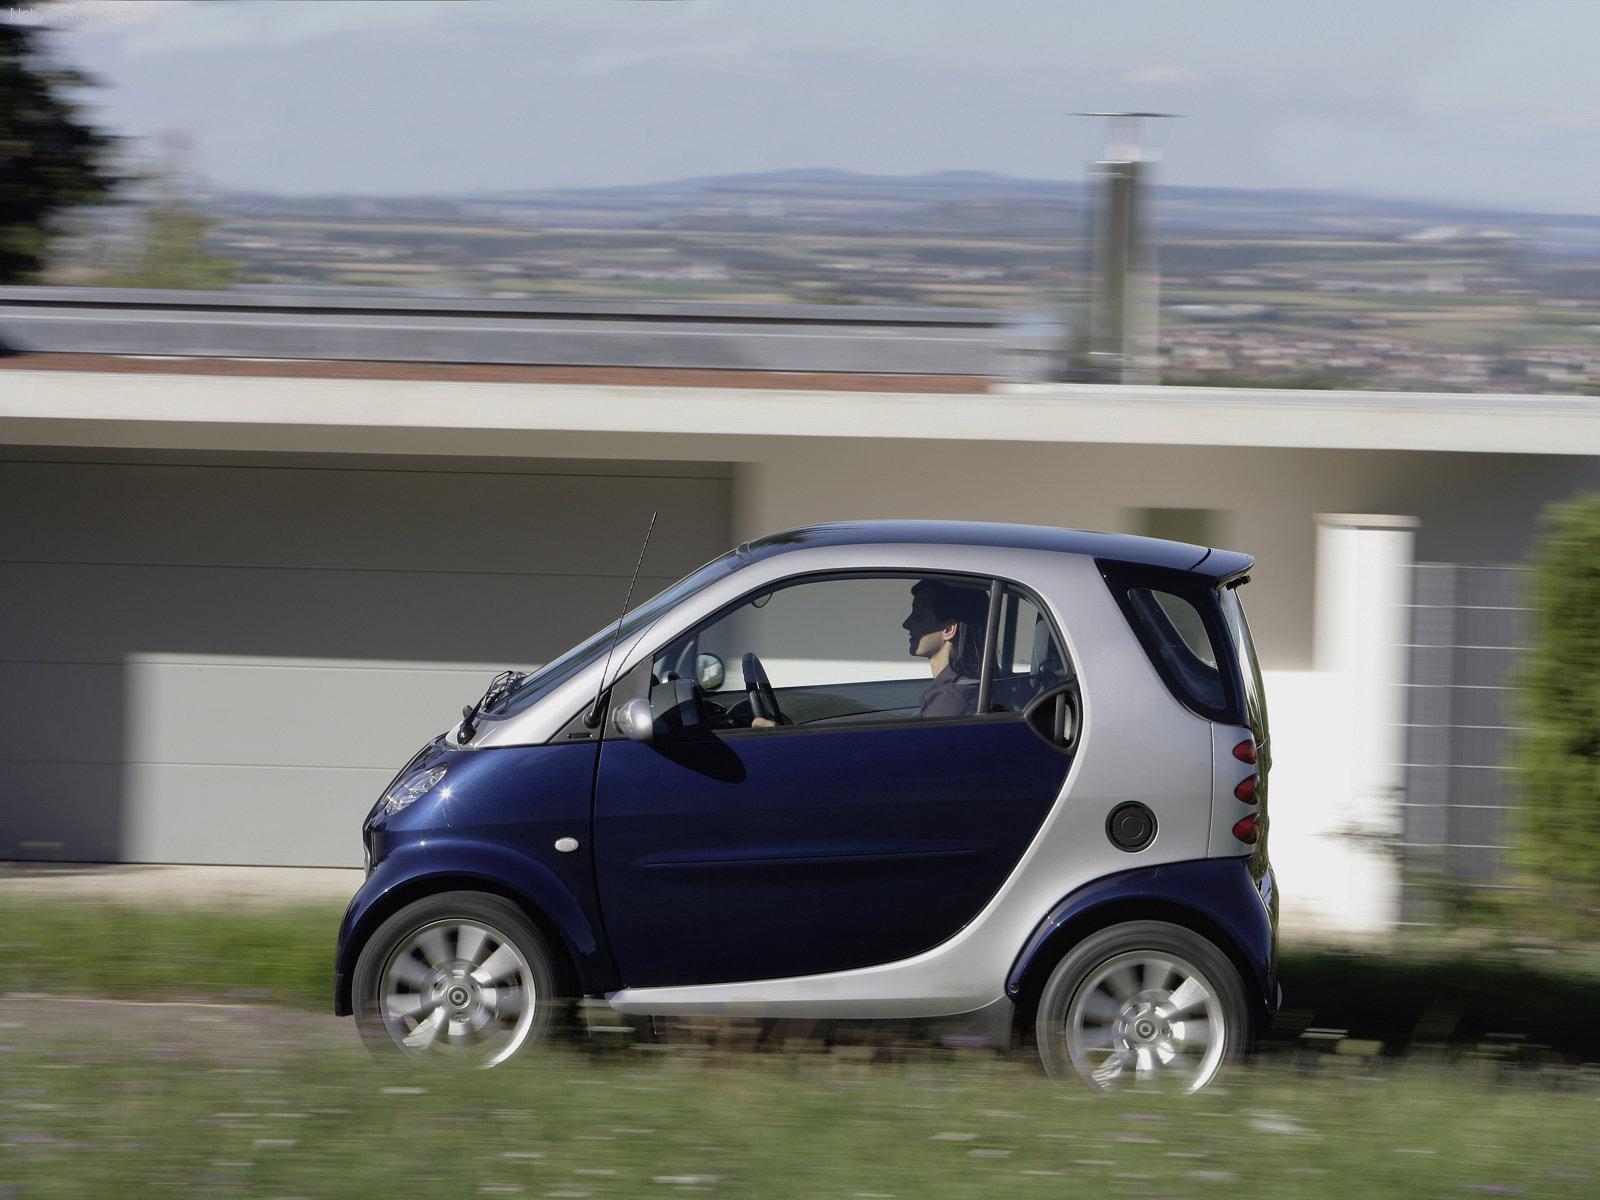 Hình ảnh xe ô tô Smart fortwo coupe 2005 & nội ngoại thất